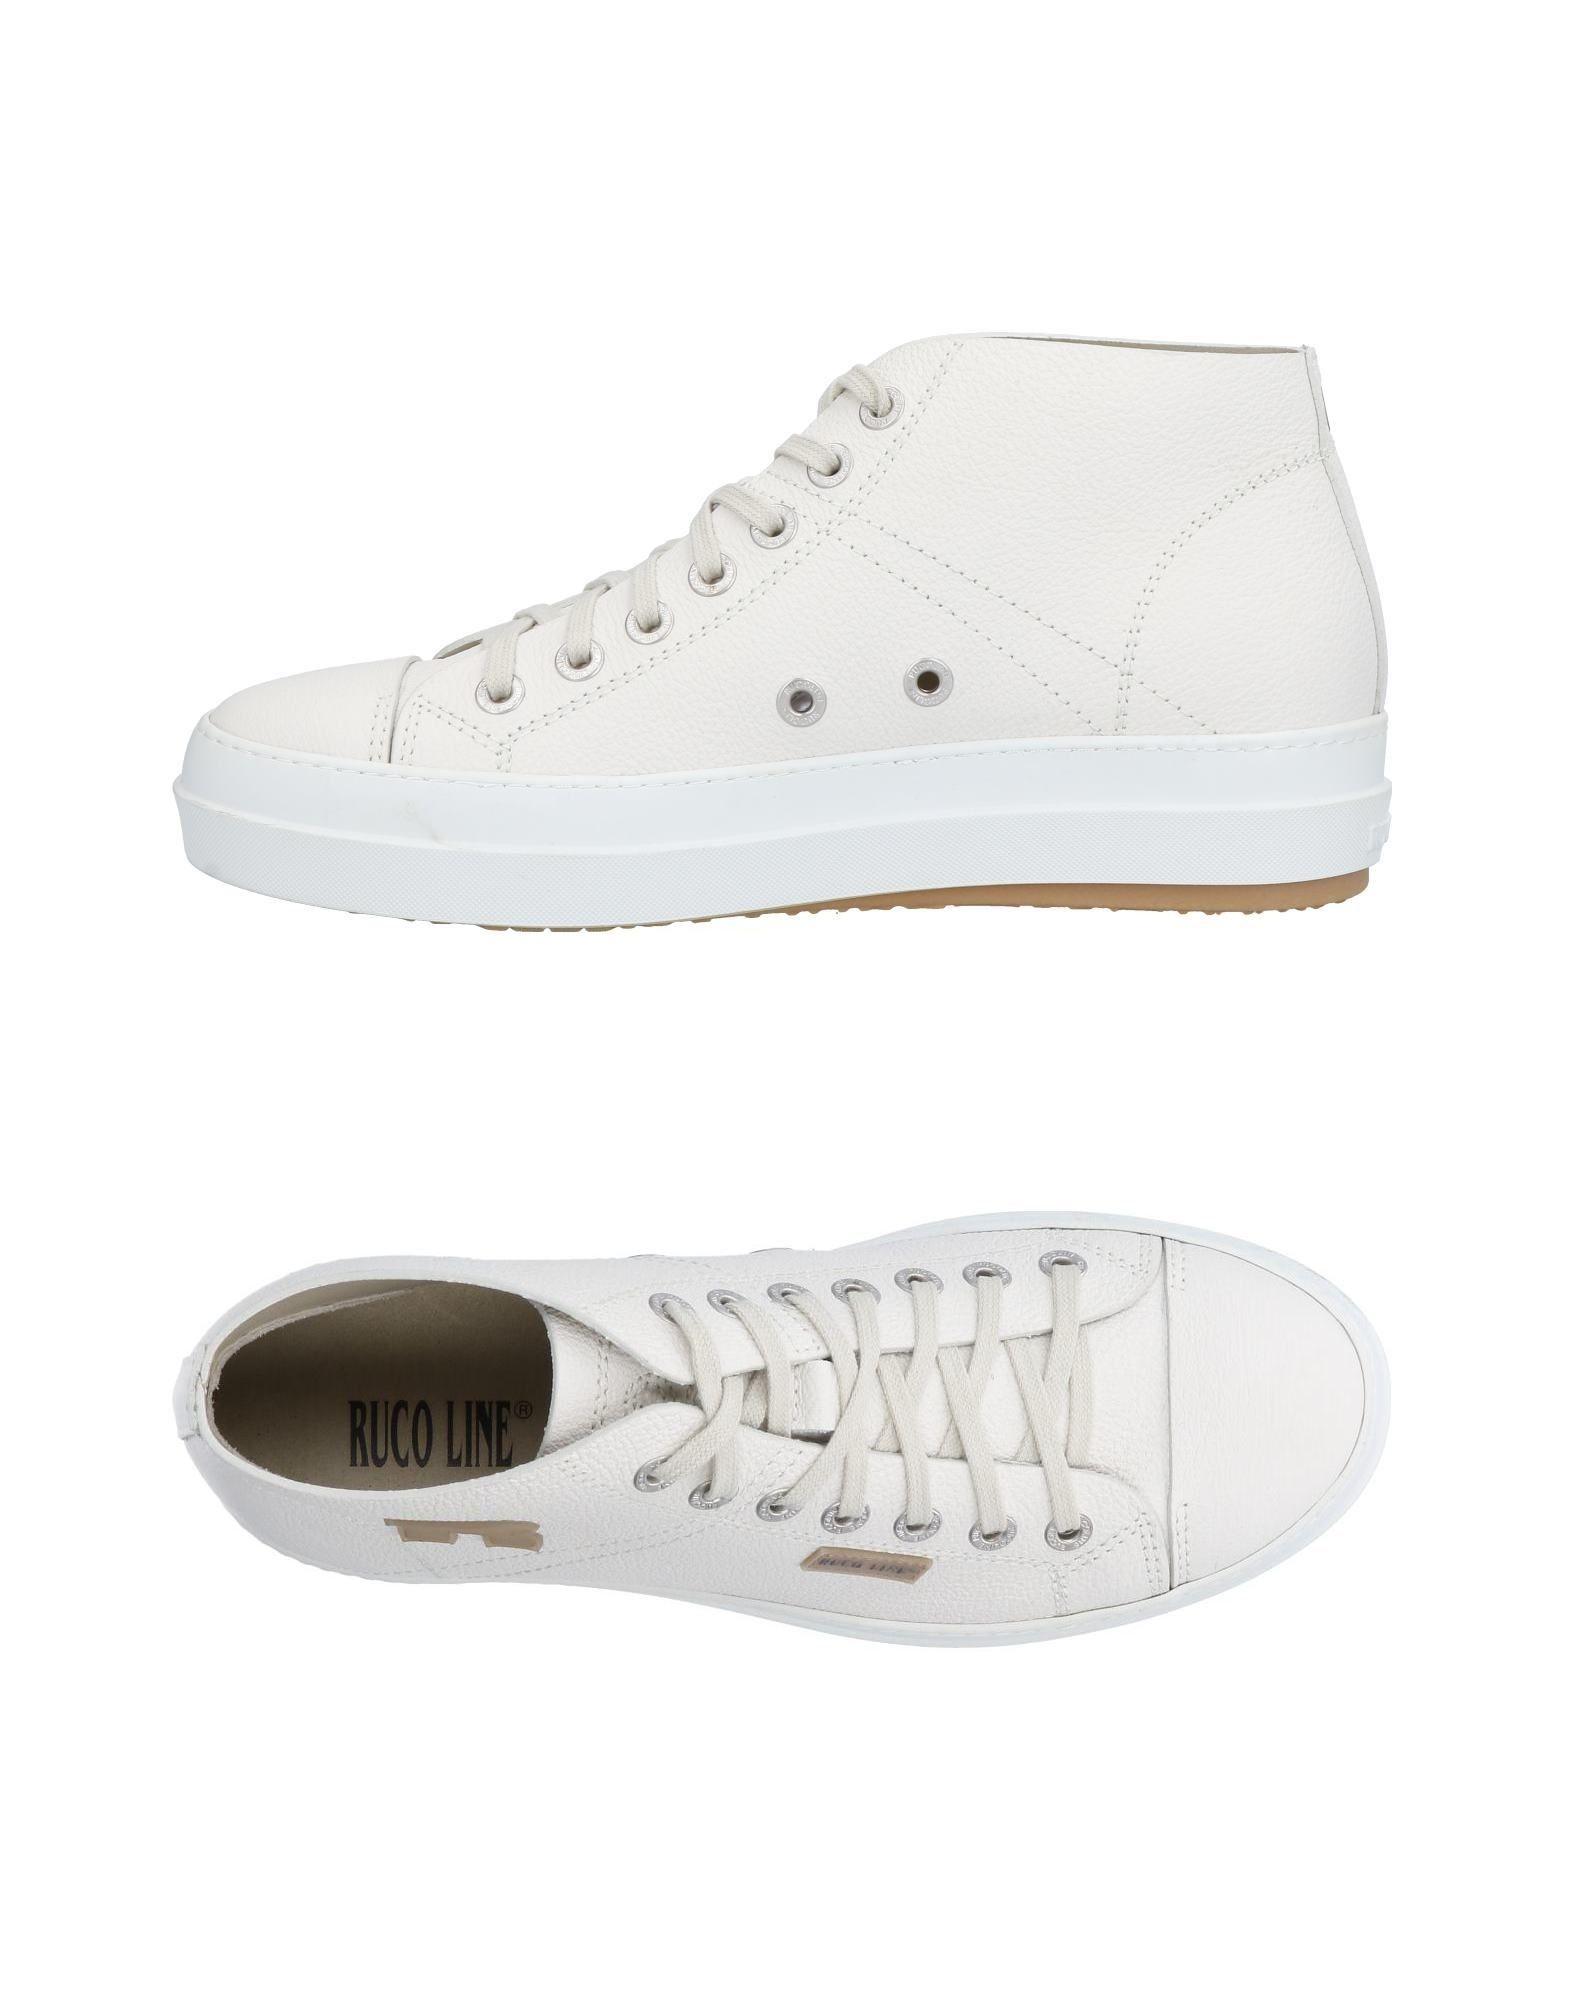 Rabatt echte Schuhe  Ruco Line Sneakers Herren  Schuhe 11481138LA 65b44c